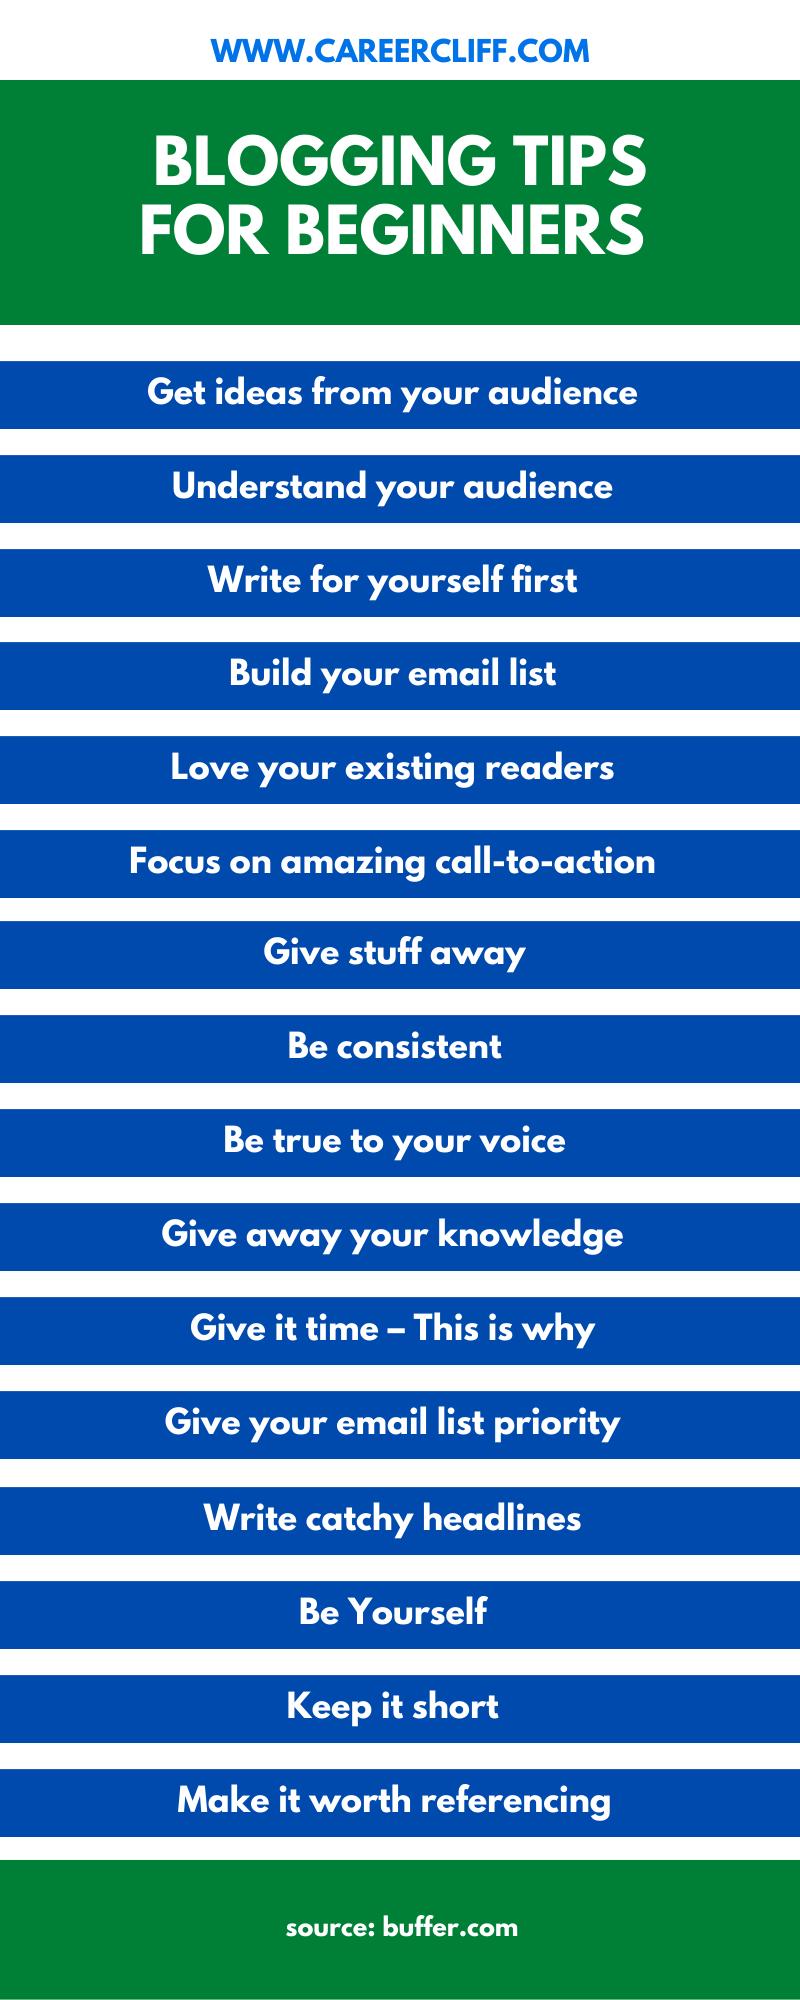 wordpress tips for beginners blogging tips for beginners blogging tips and tricks for beginners blogger beginner tips blogging beginner tips